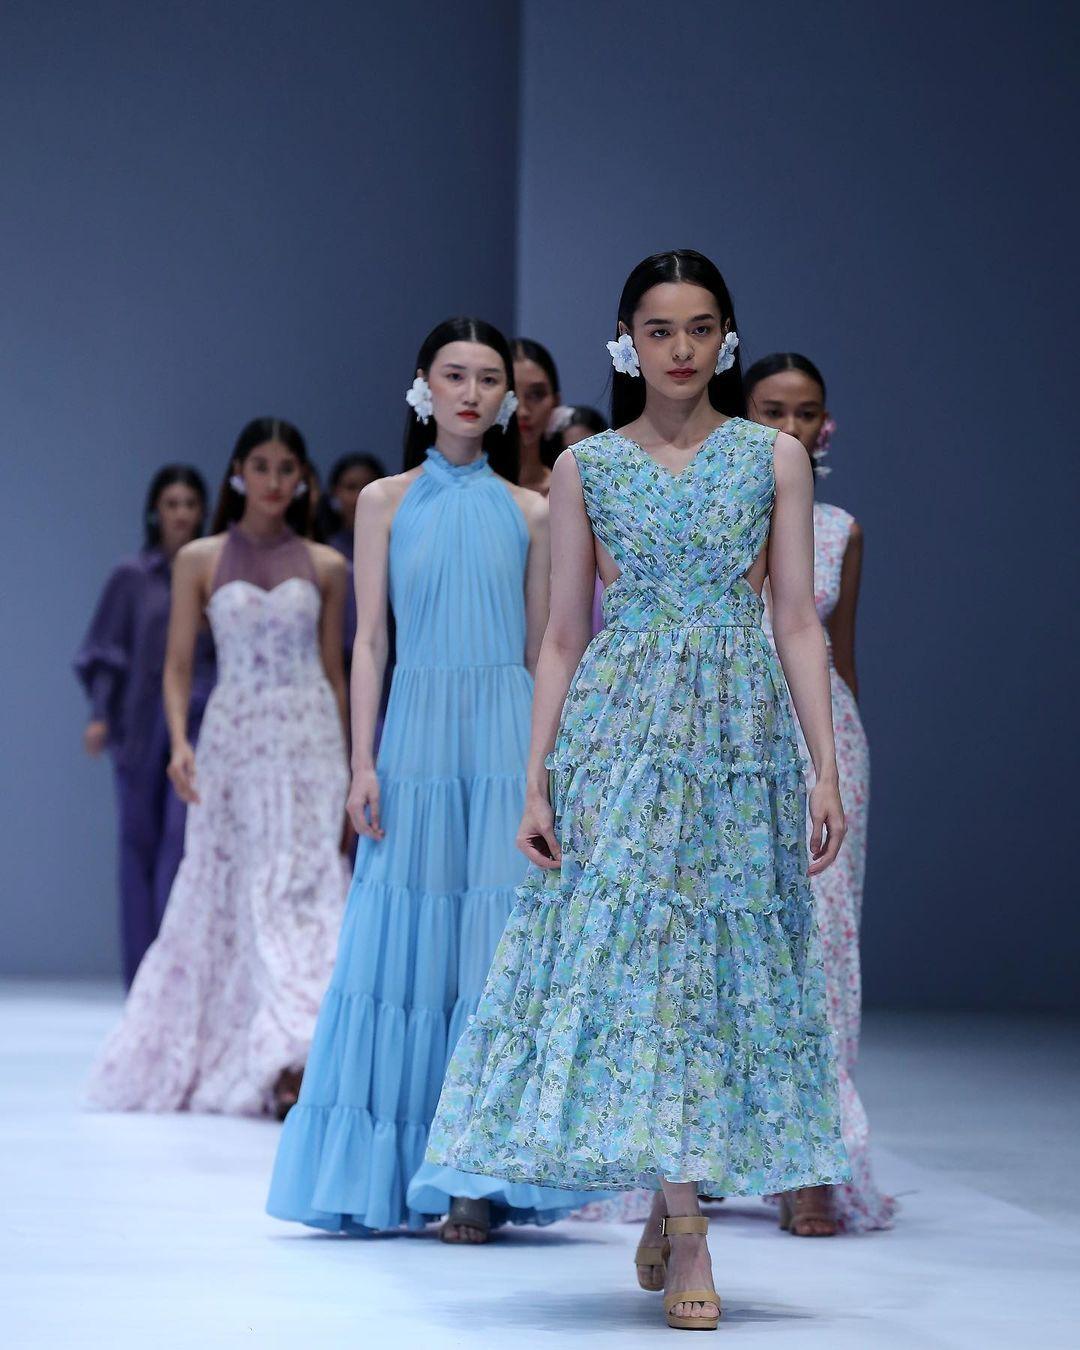 JFW 2021 Dibuka dengan 5 Desainer Lokal & Tribute untuk Barli Asmara